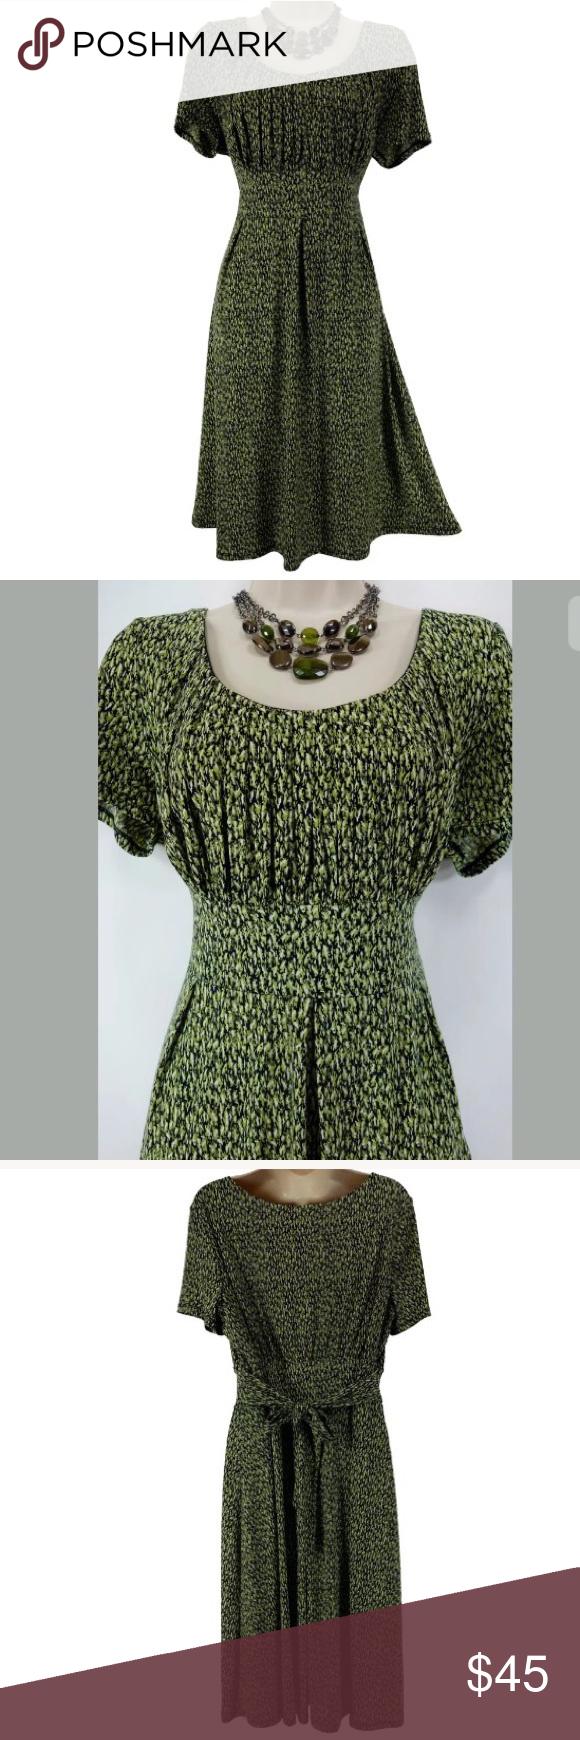 xl x flattering print pleated dress plus size spandex fabric